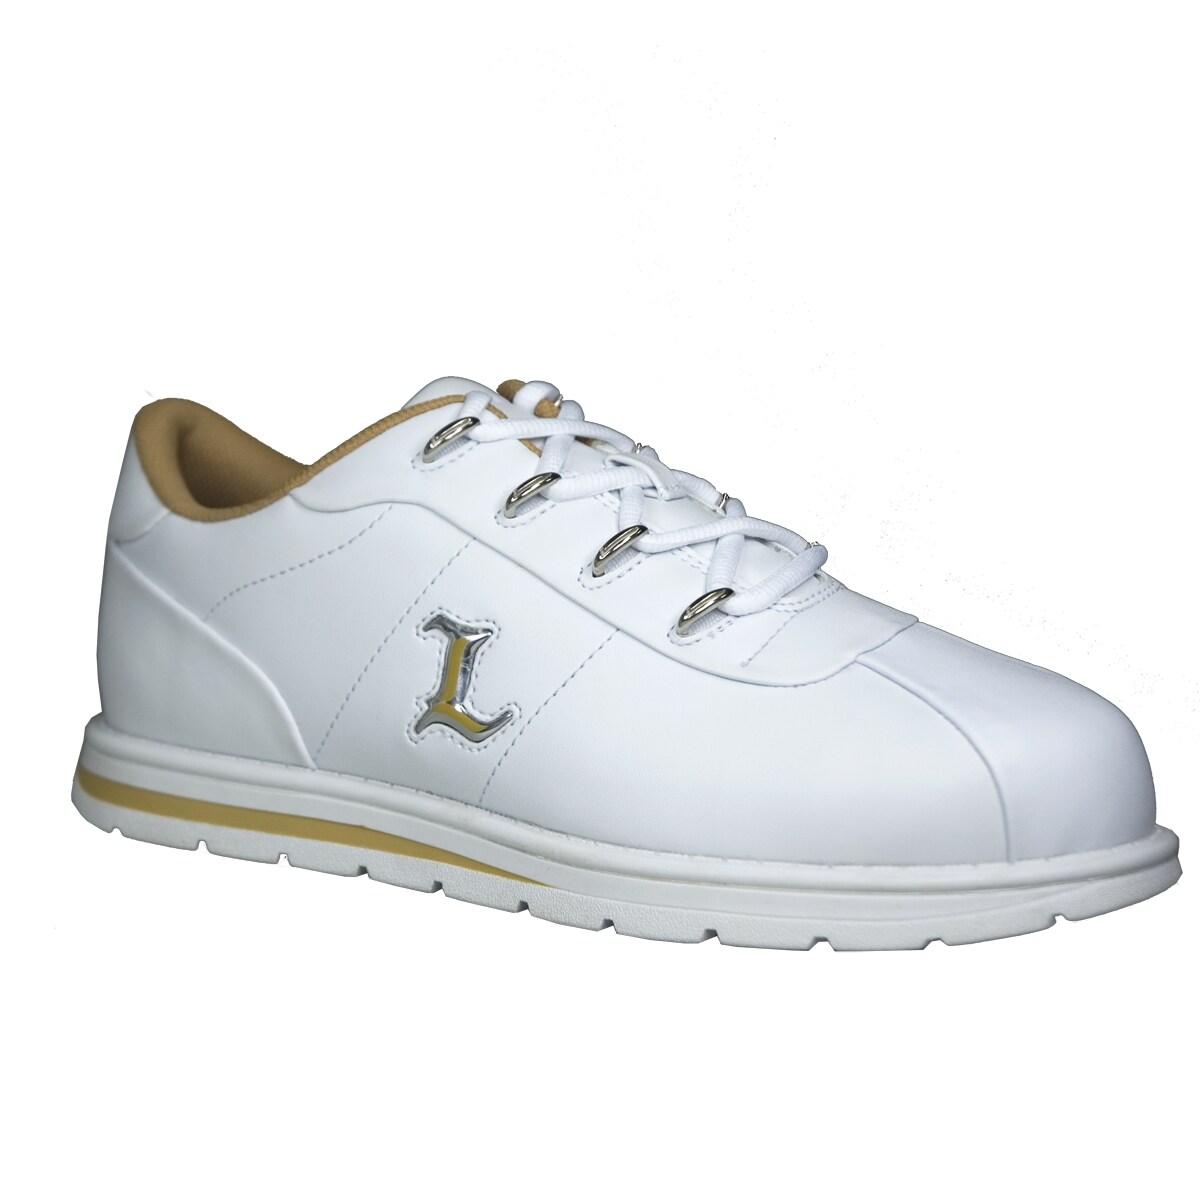 Lugz Men's 'Zrocs DX' White/ Wheat Sneakers